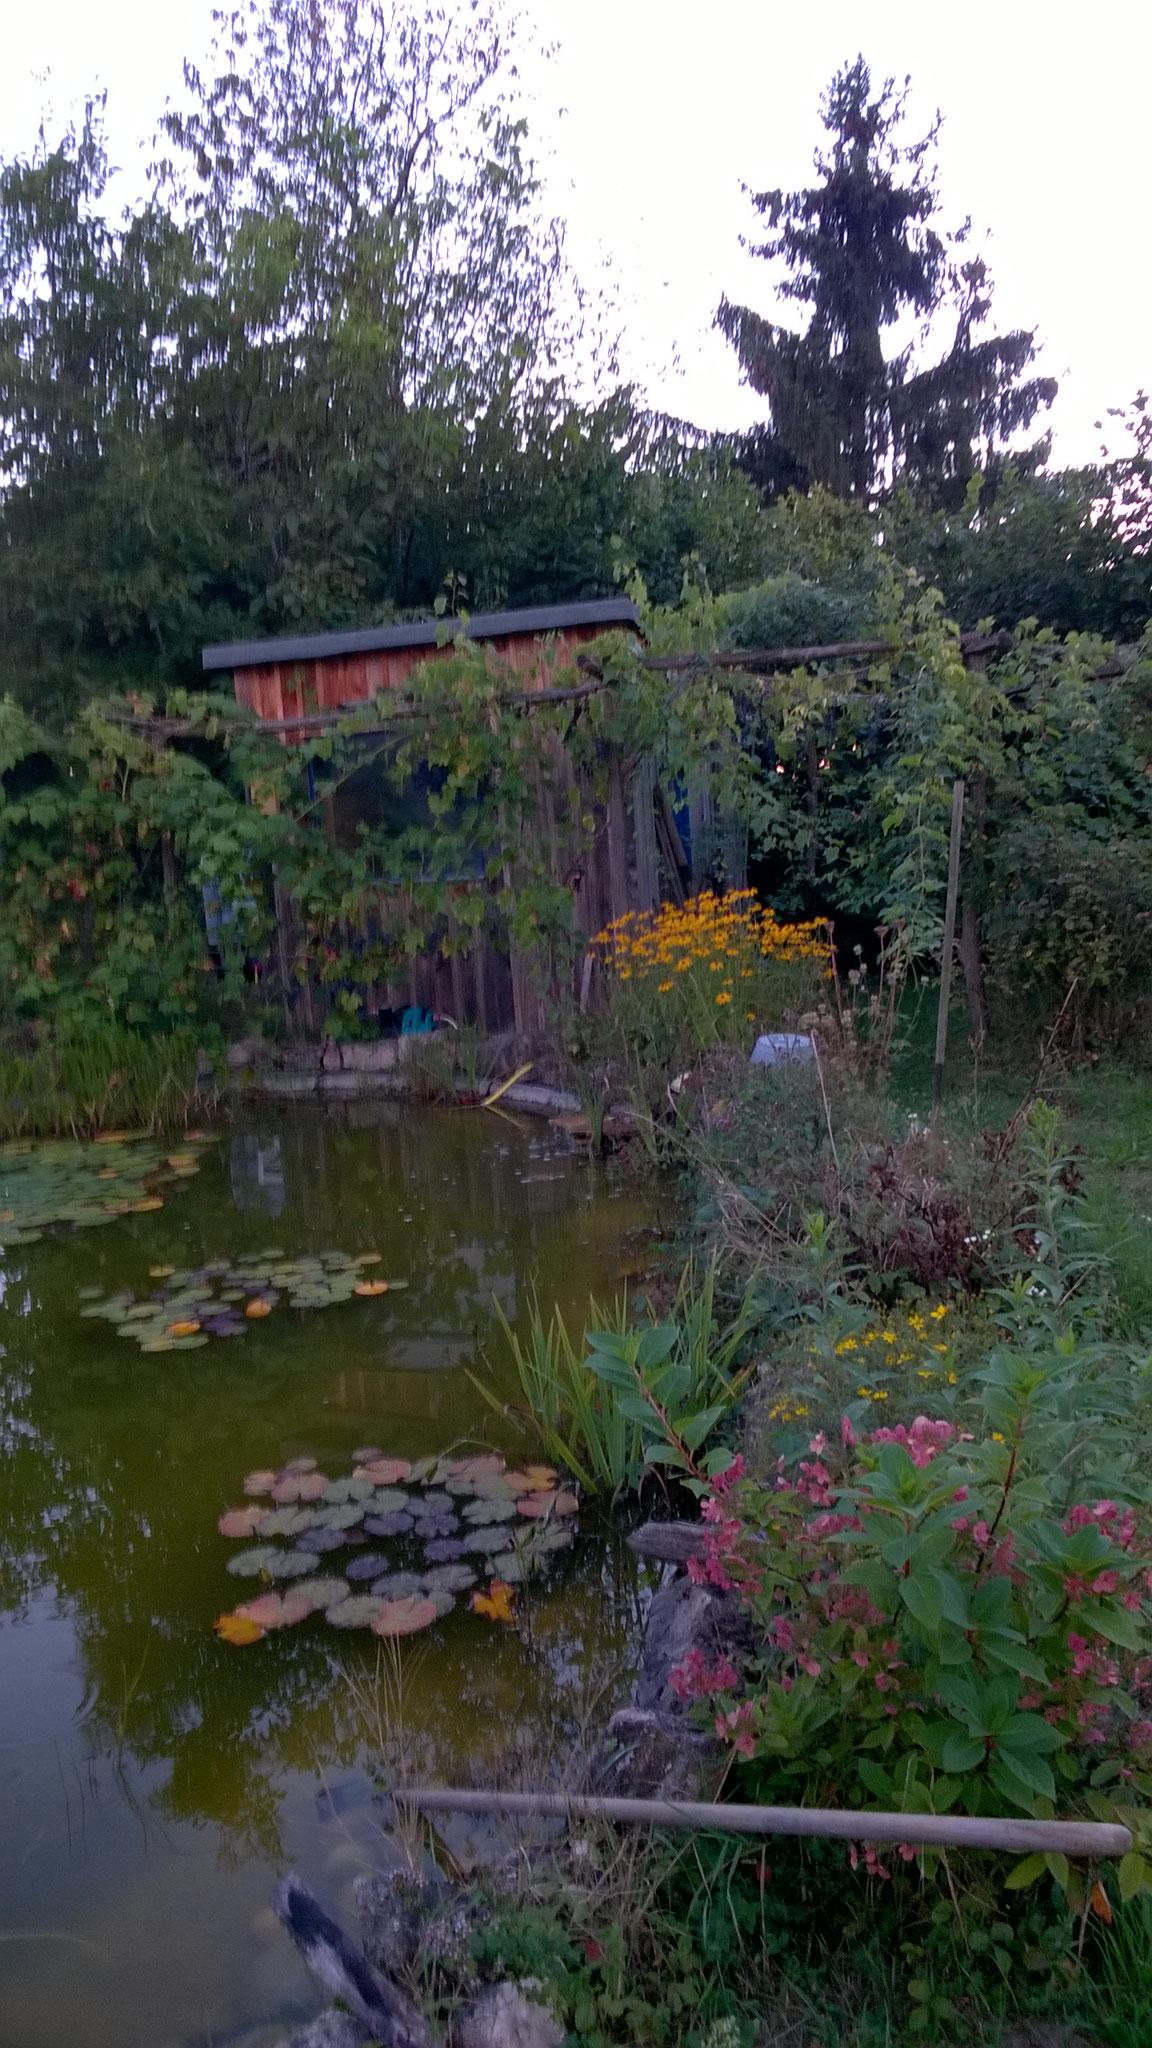 oberer Garten/ upper garden